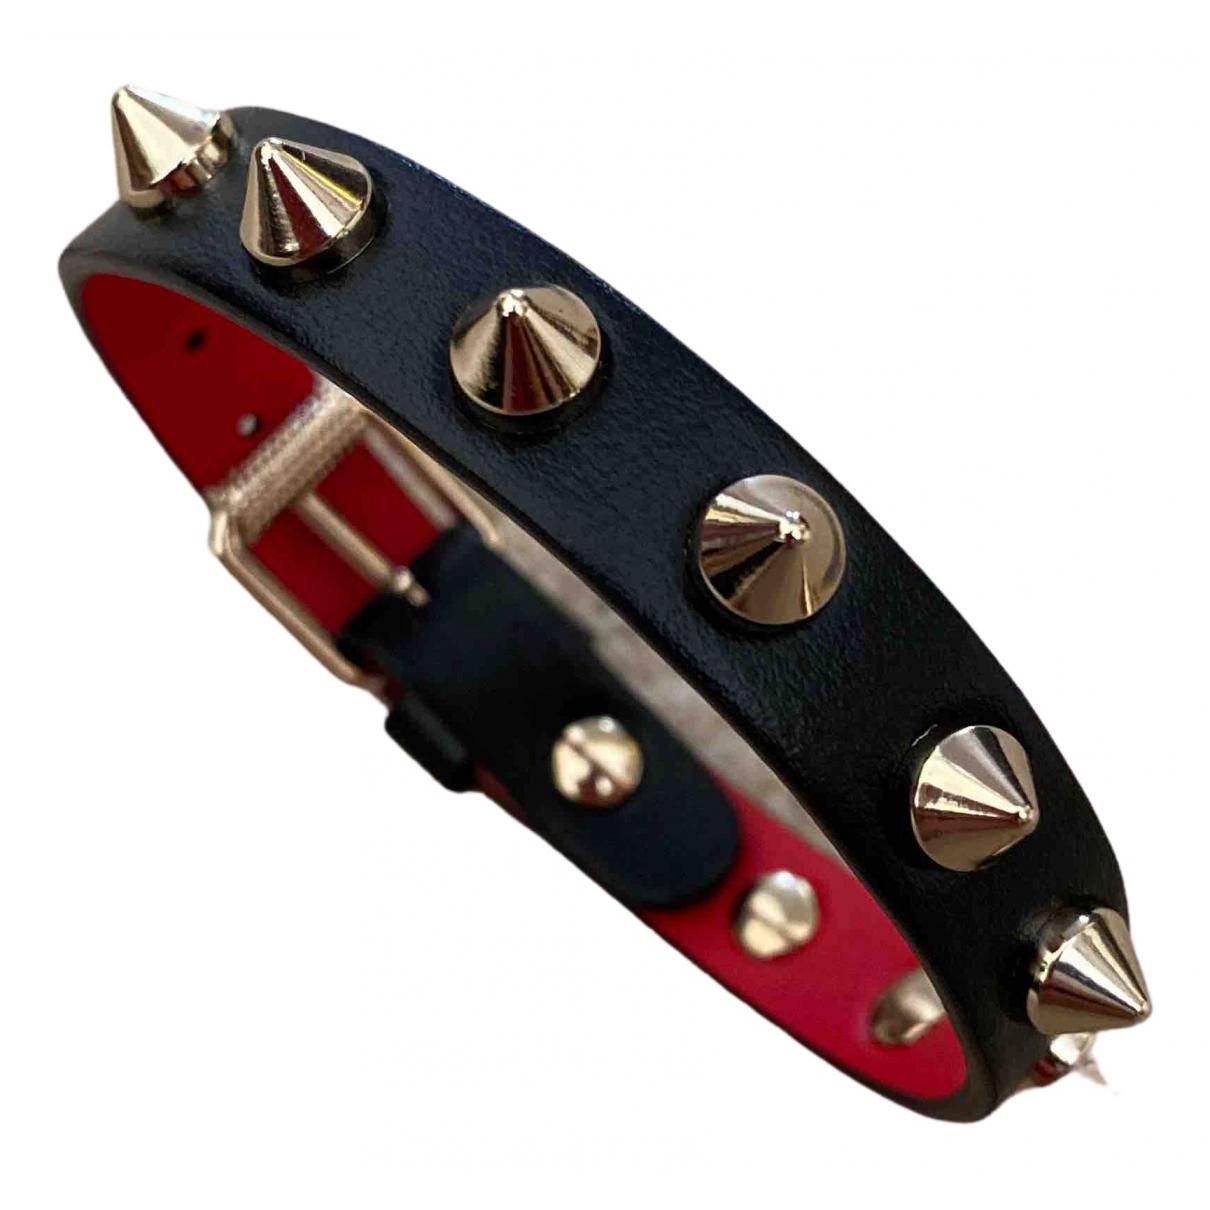 Christian Louboutin \N Black Leather bracelet for Women \N